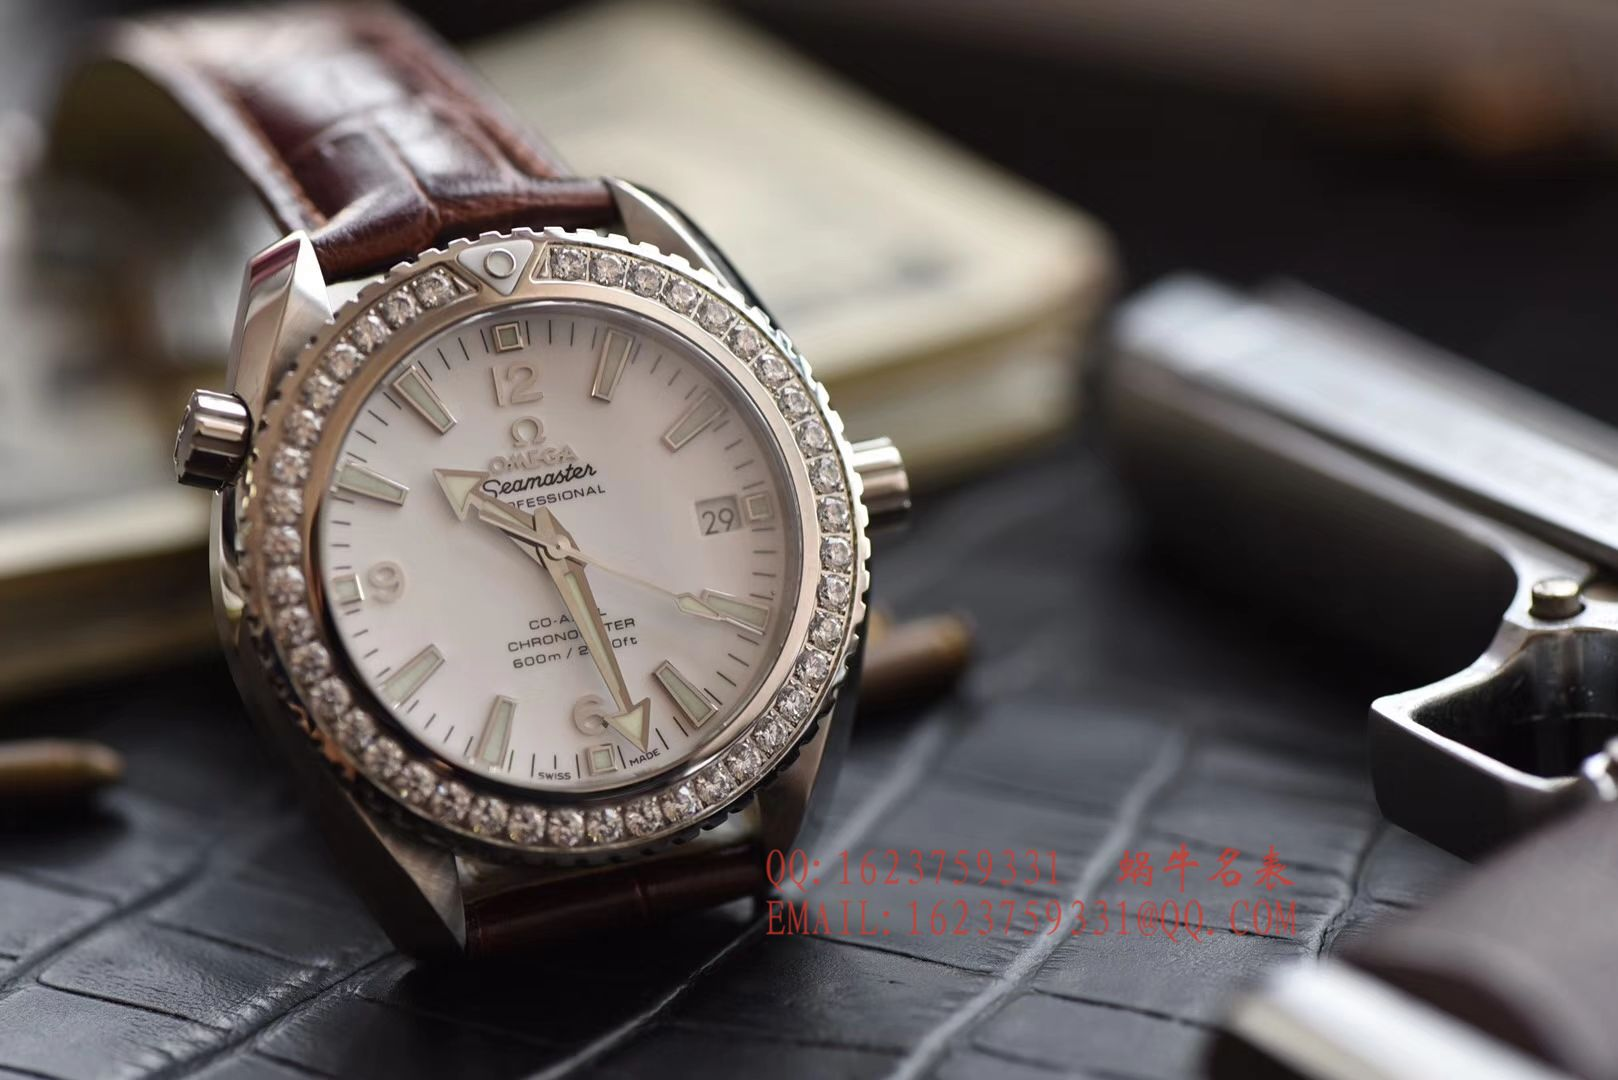 【KW一比一超A高仿手表】欧米茄海马系列232.15.42.21.04.001、232.18.42.21.04.001腕表